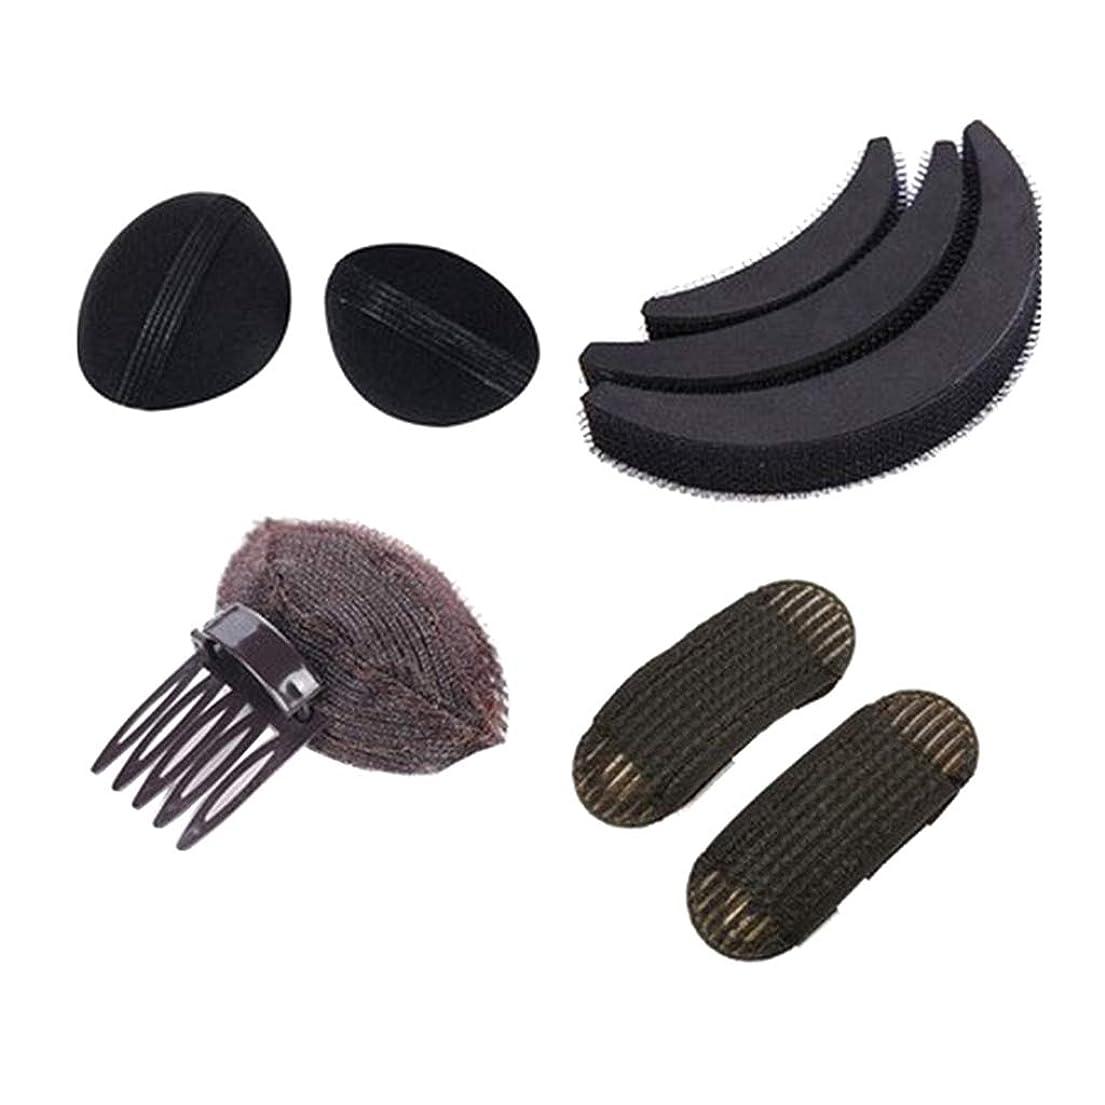 低下円形書き出すヘアスタイリングキット ヘアスタイリングツール 女性 DIY 髪型作成 使用簡単 4種類 - B